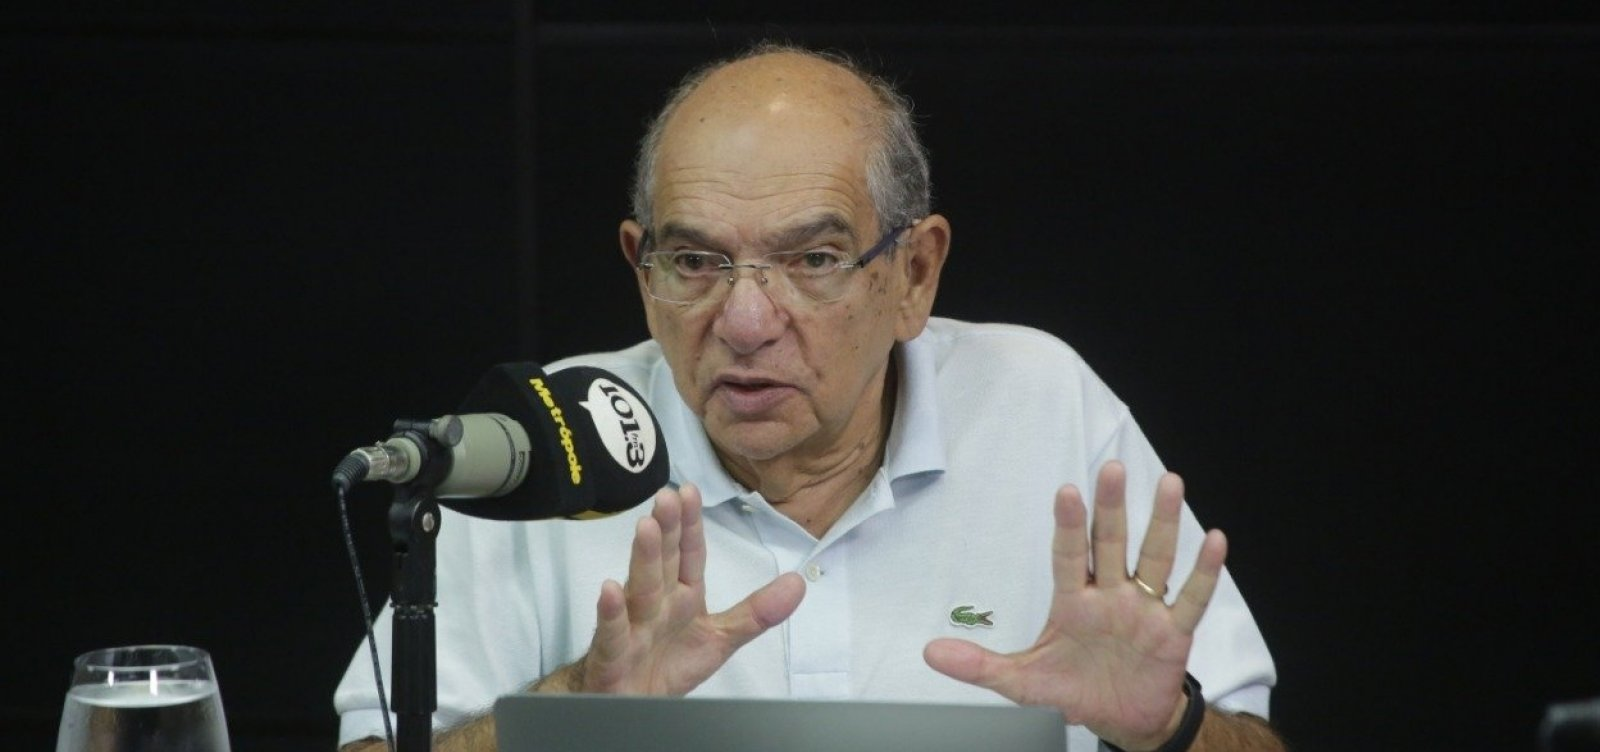 [Caso Queiroz 'vai render mal pro lado do governo', diz MK; ouça]